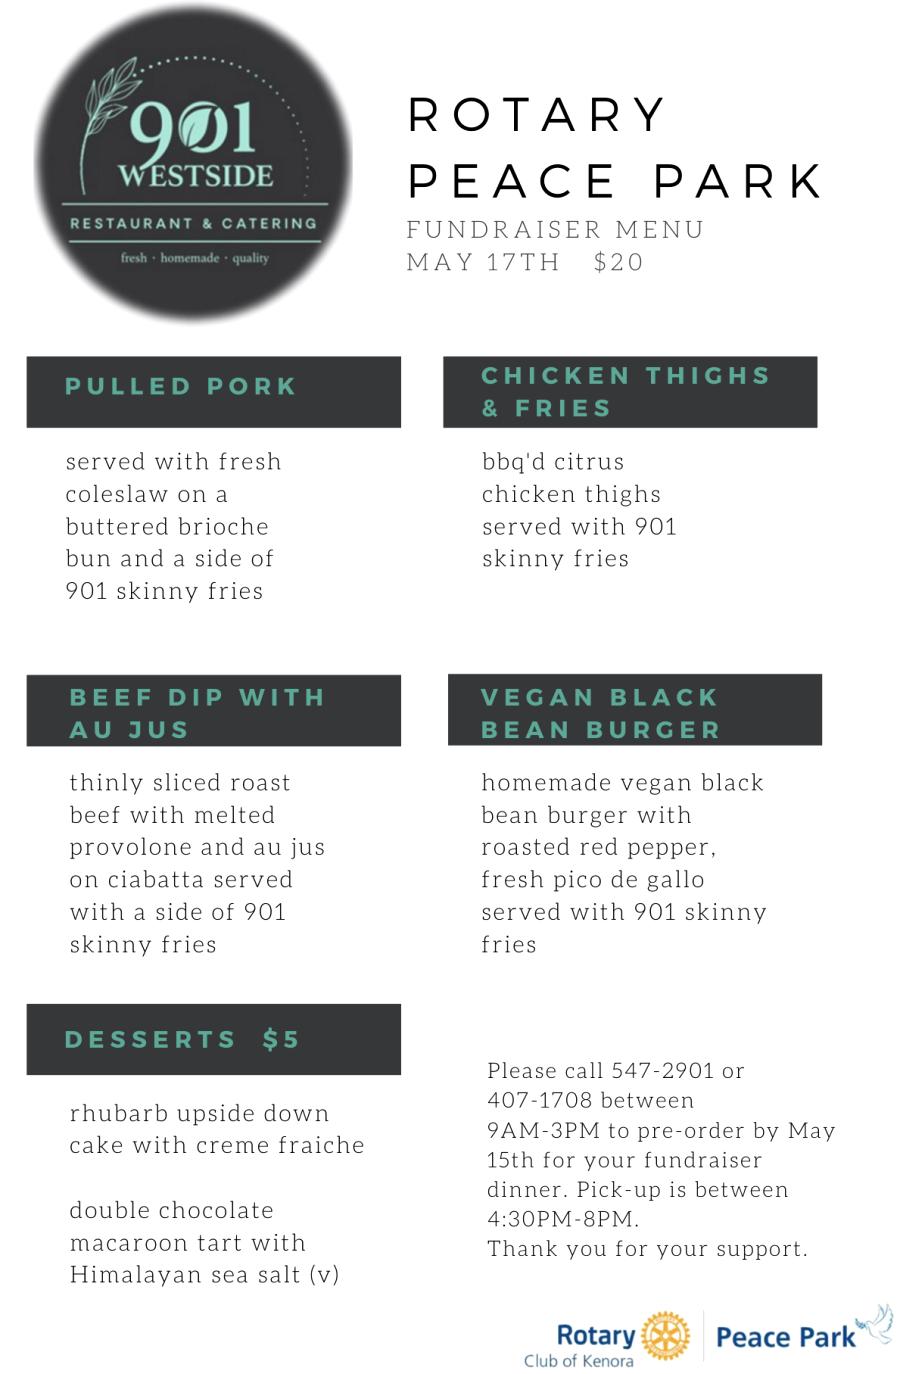 901 westside menu